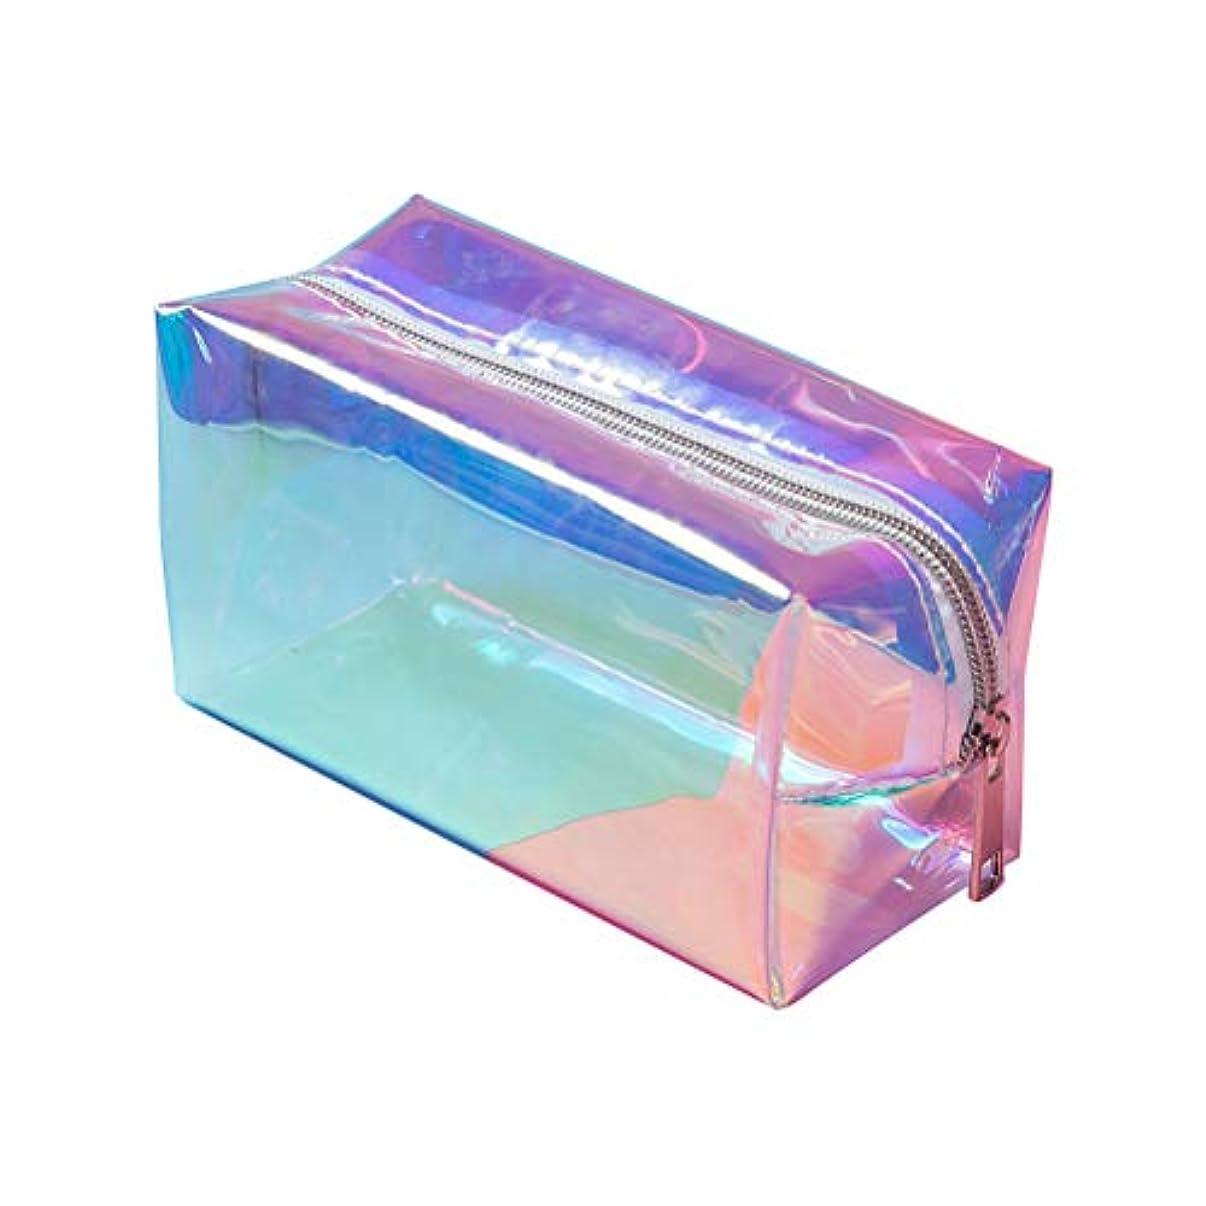 うるさい詩人プレゼントメイクアップバッグ、クリアトラベルオーガナイザー-防水性、女性用、男性用